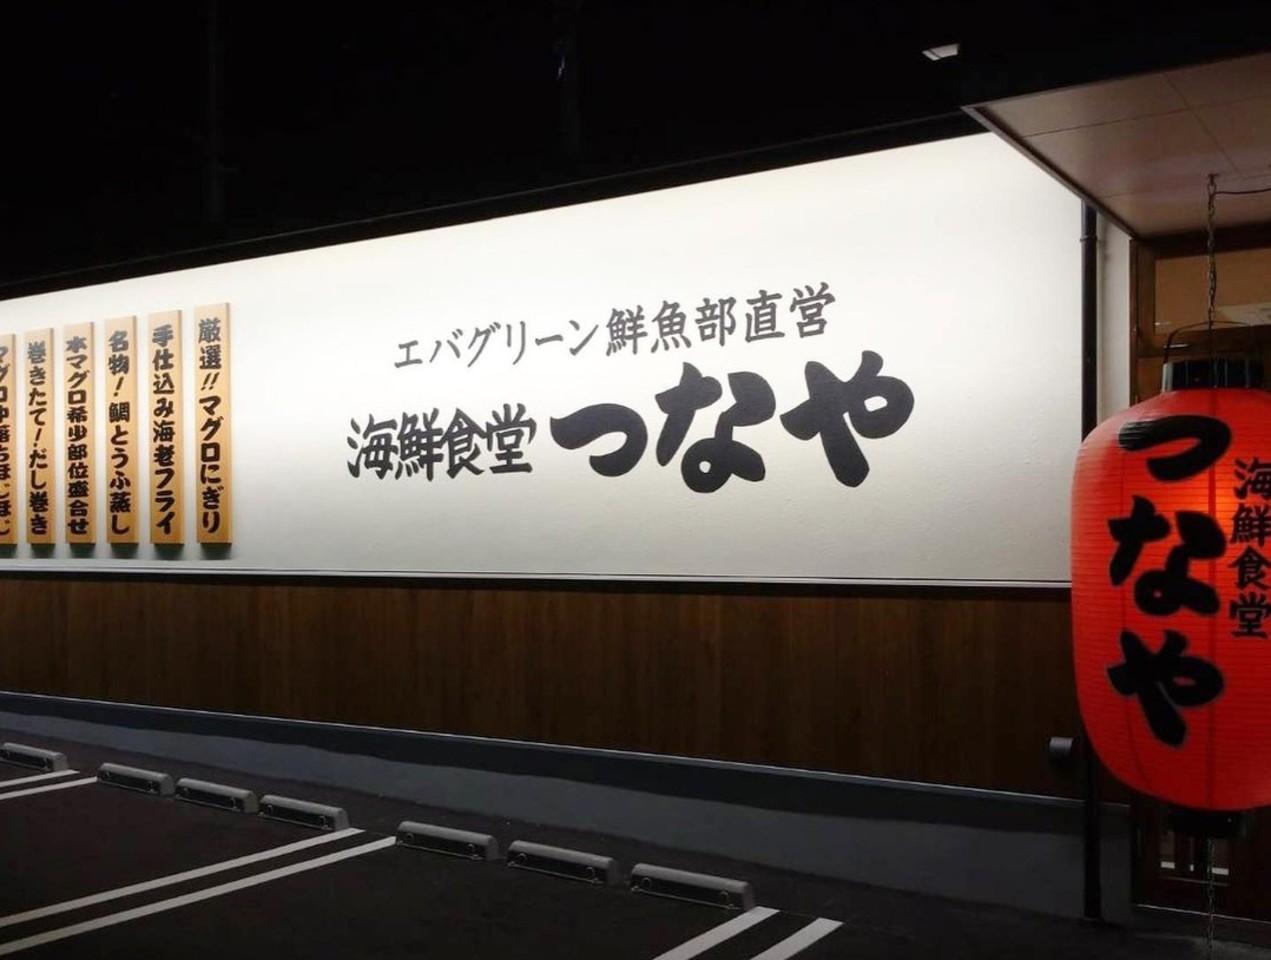 和歌山市エバグリーン宮前店敷地内に「海鮮食堂 つなや」が本日オープンされたようです。